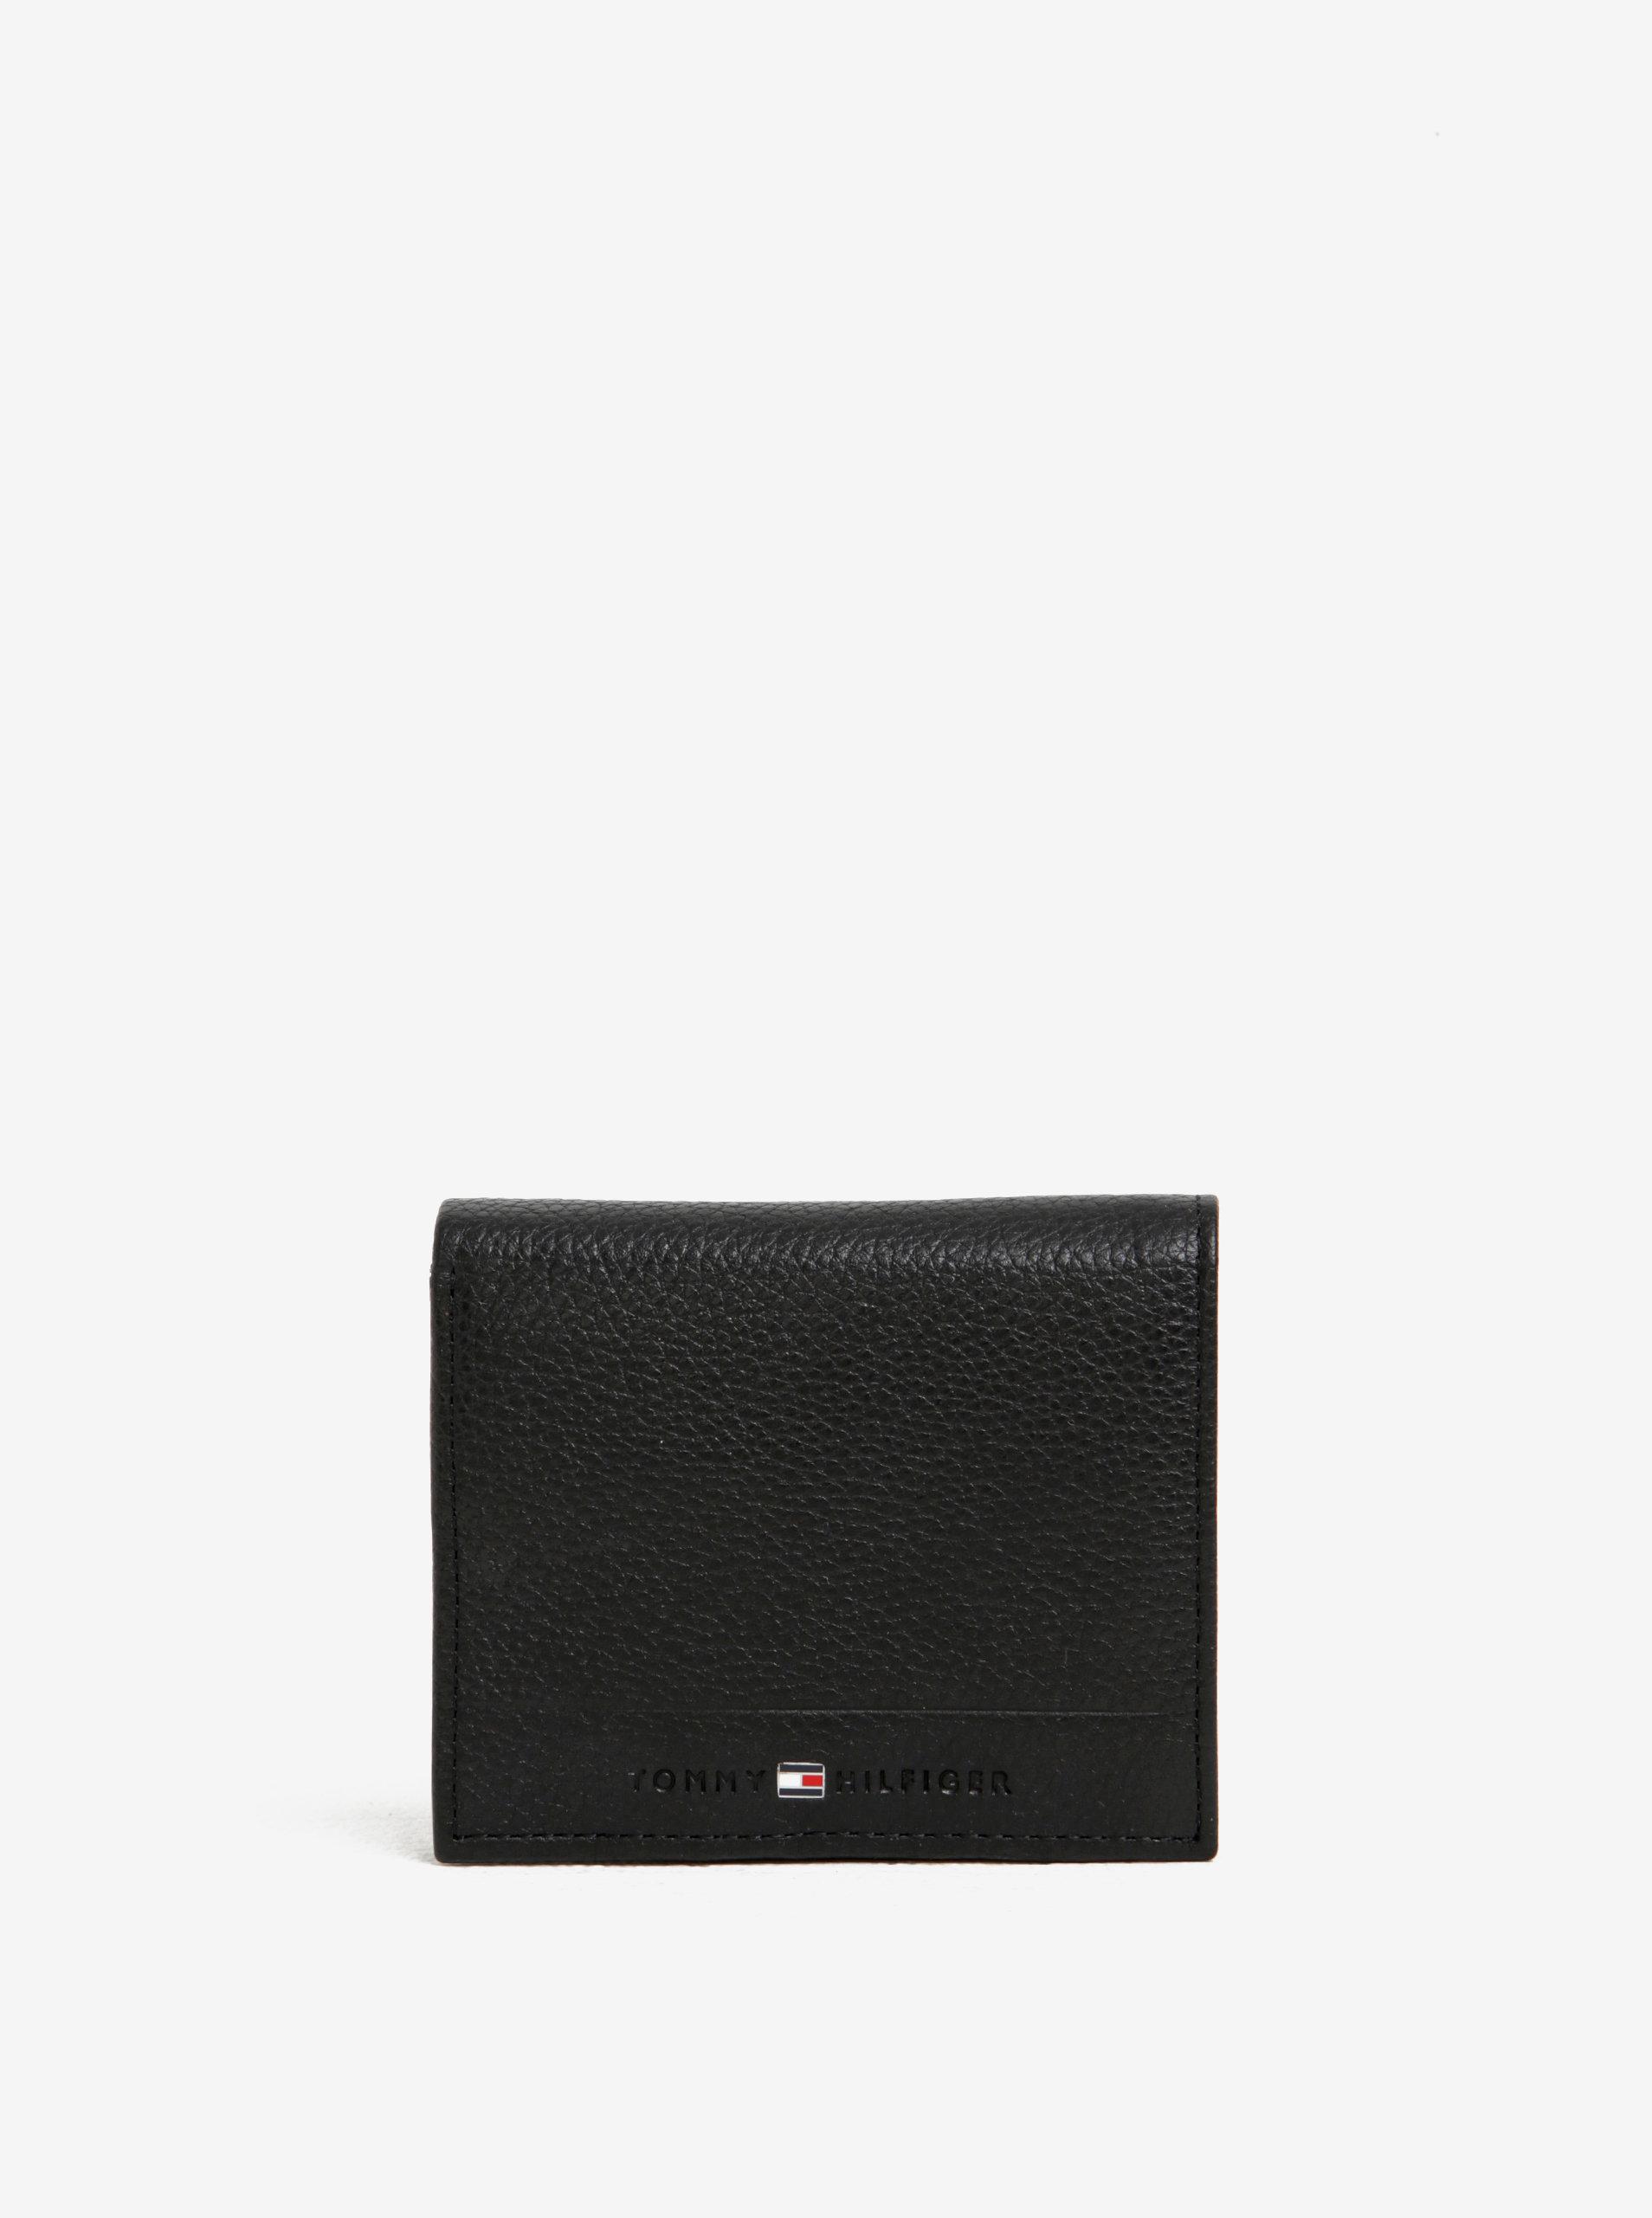 65e696cf58 čierna pánska kožená peňaženka Tommy Hilfiger core ...